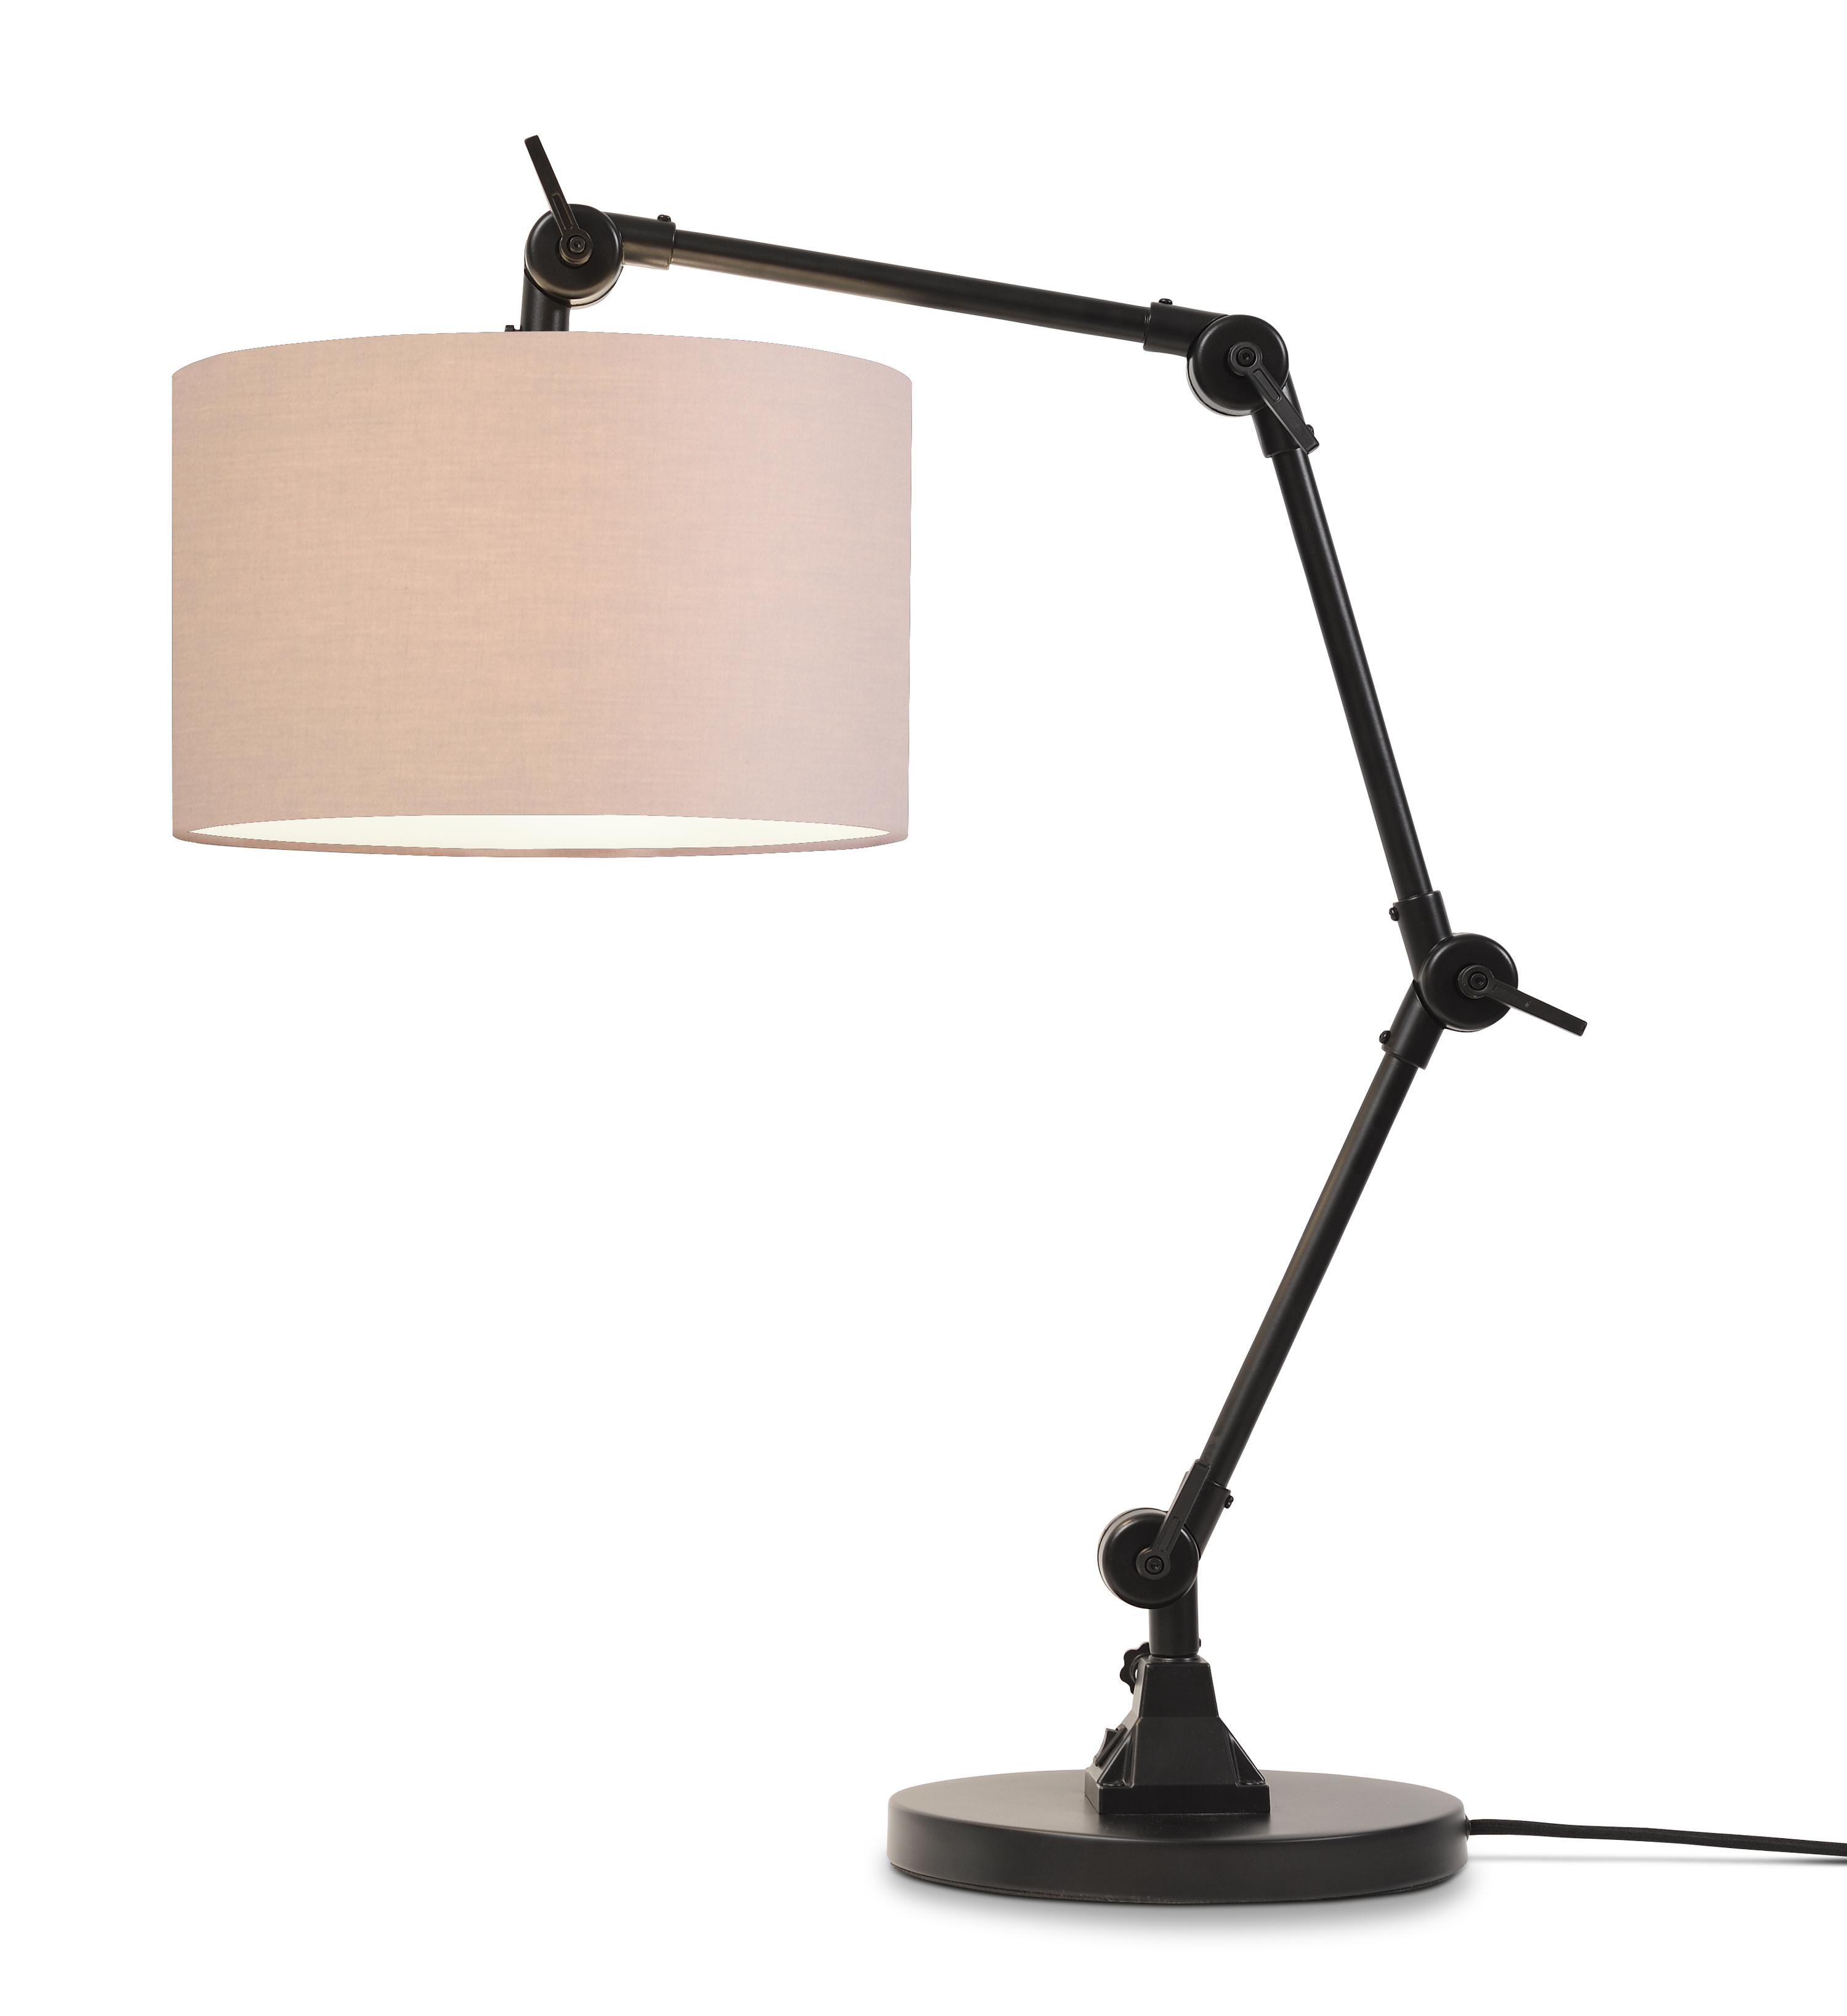 Lampe de table noire flexible et abat-jour beige H100cm